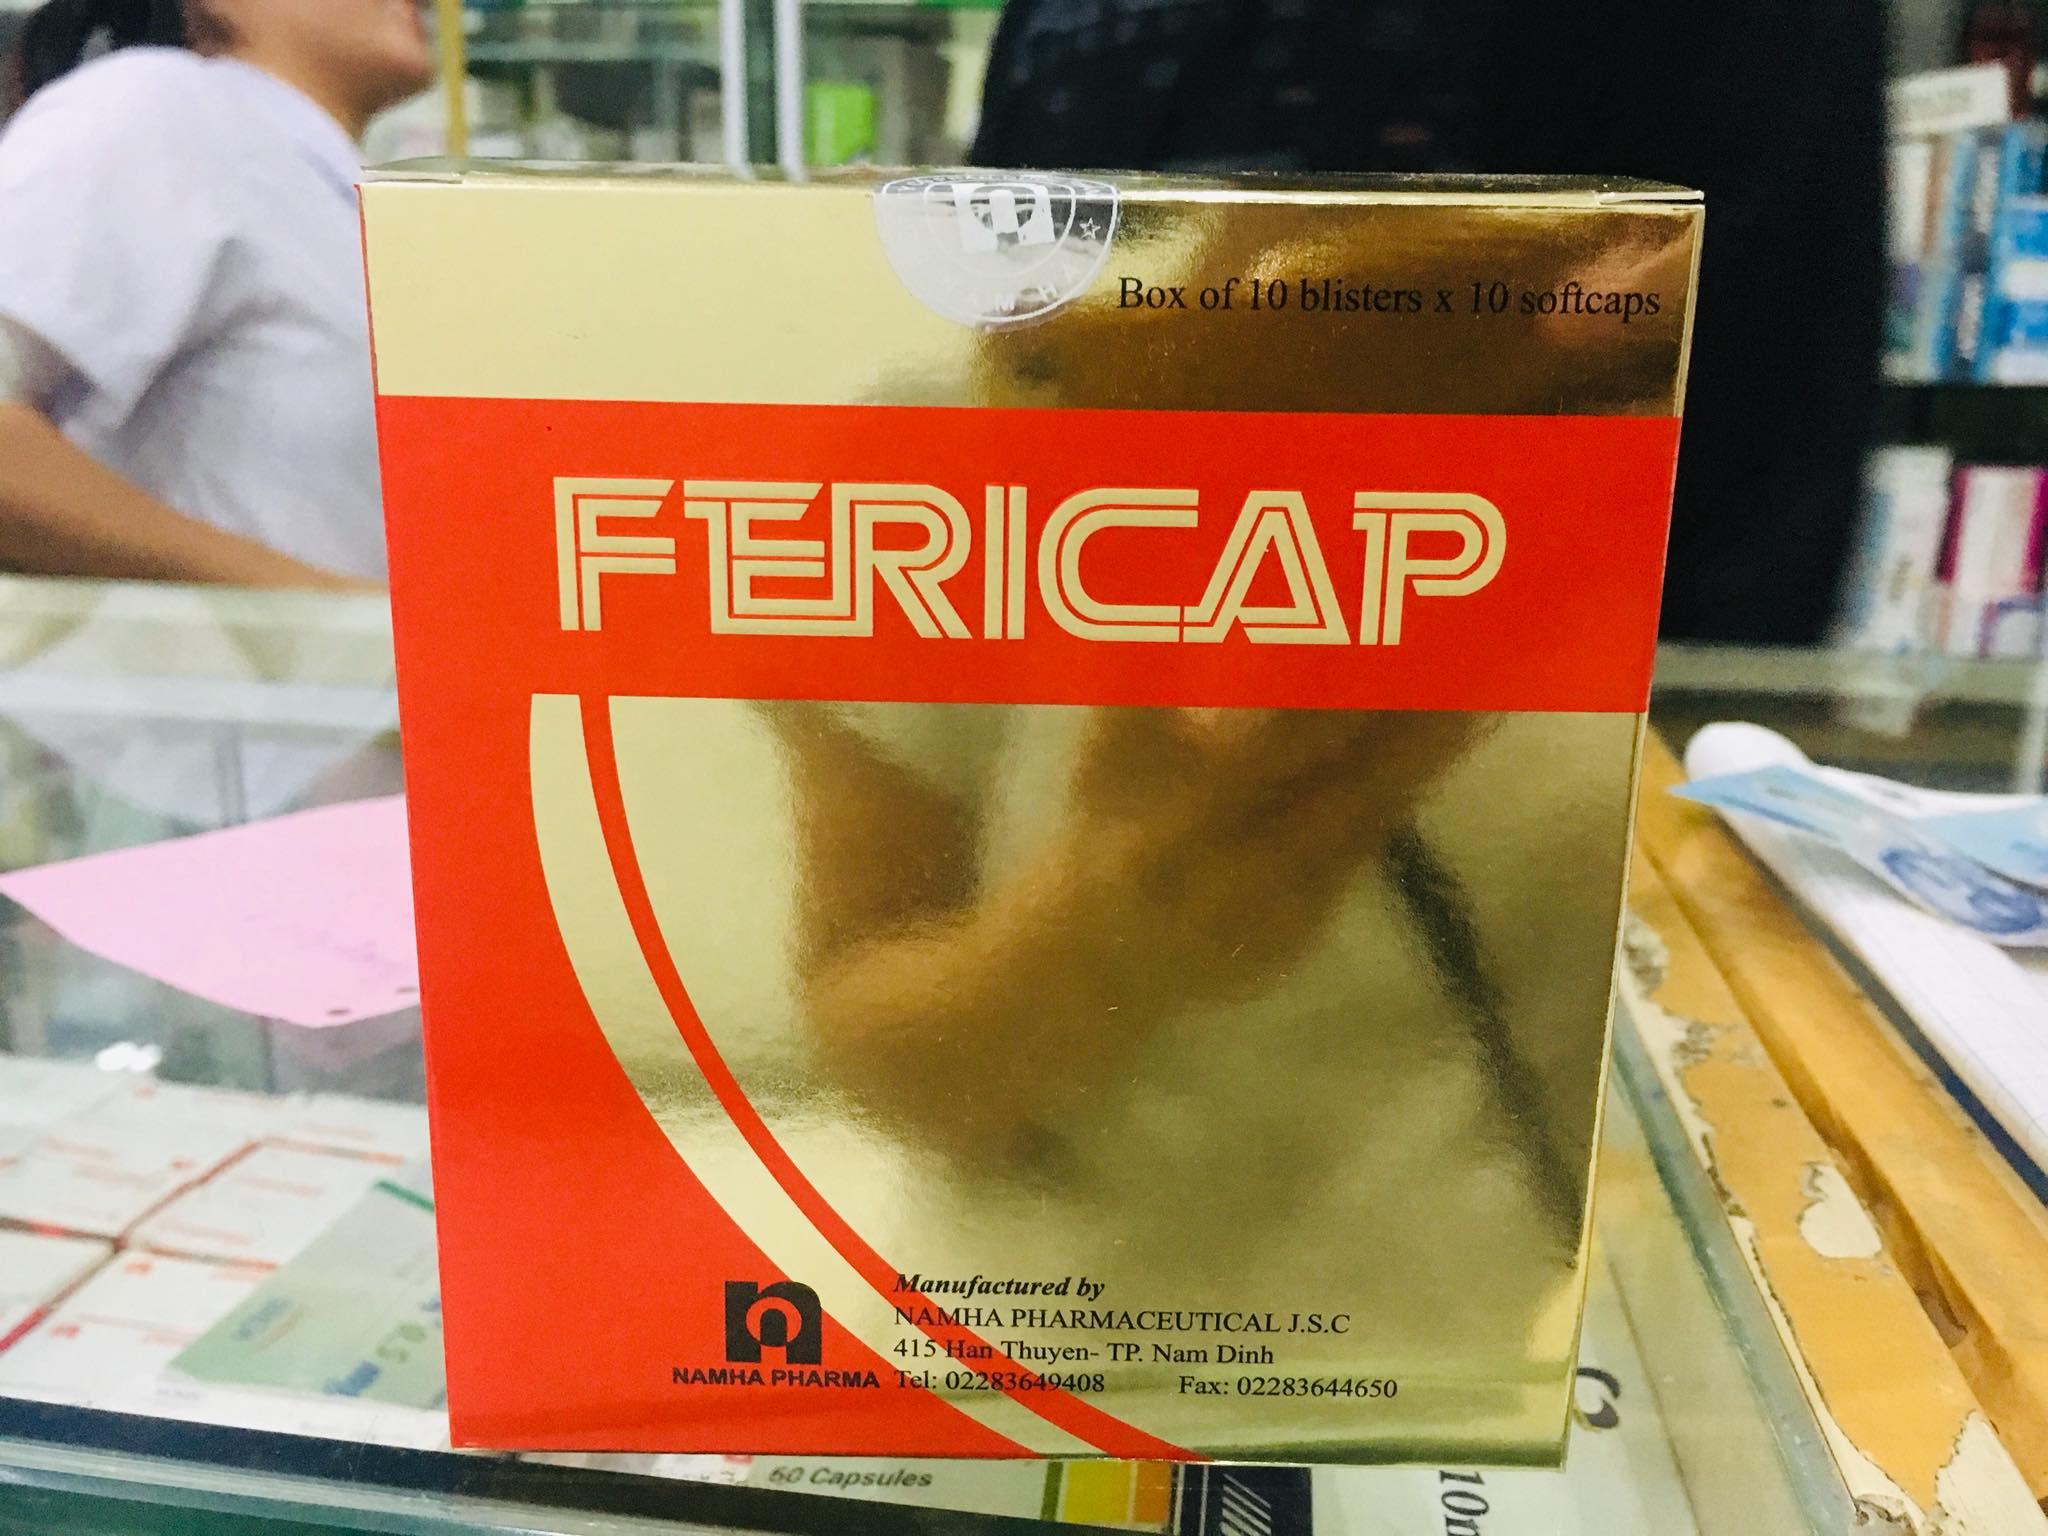 Fericap